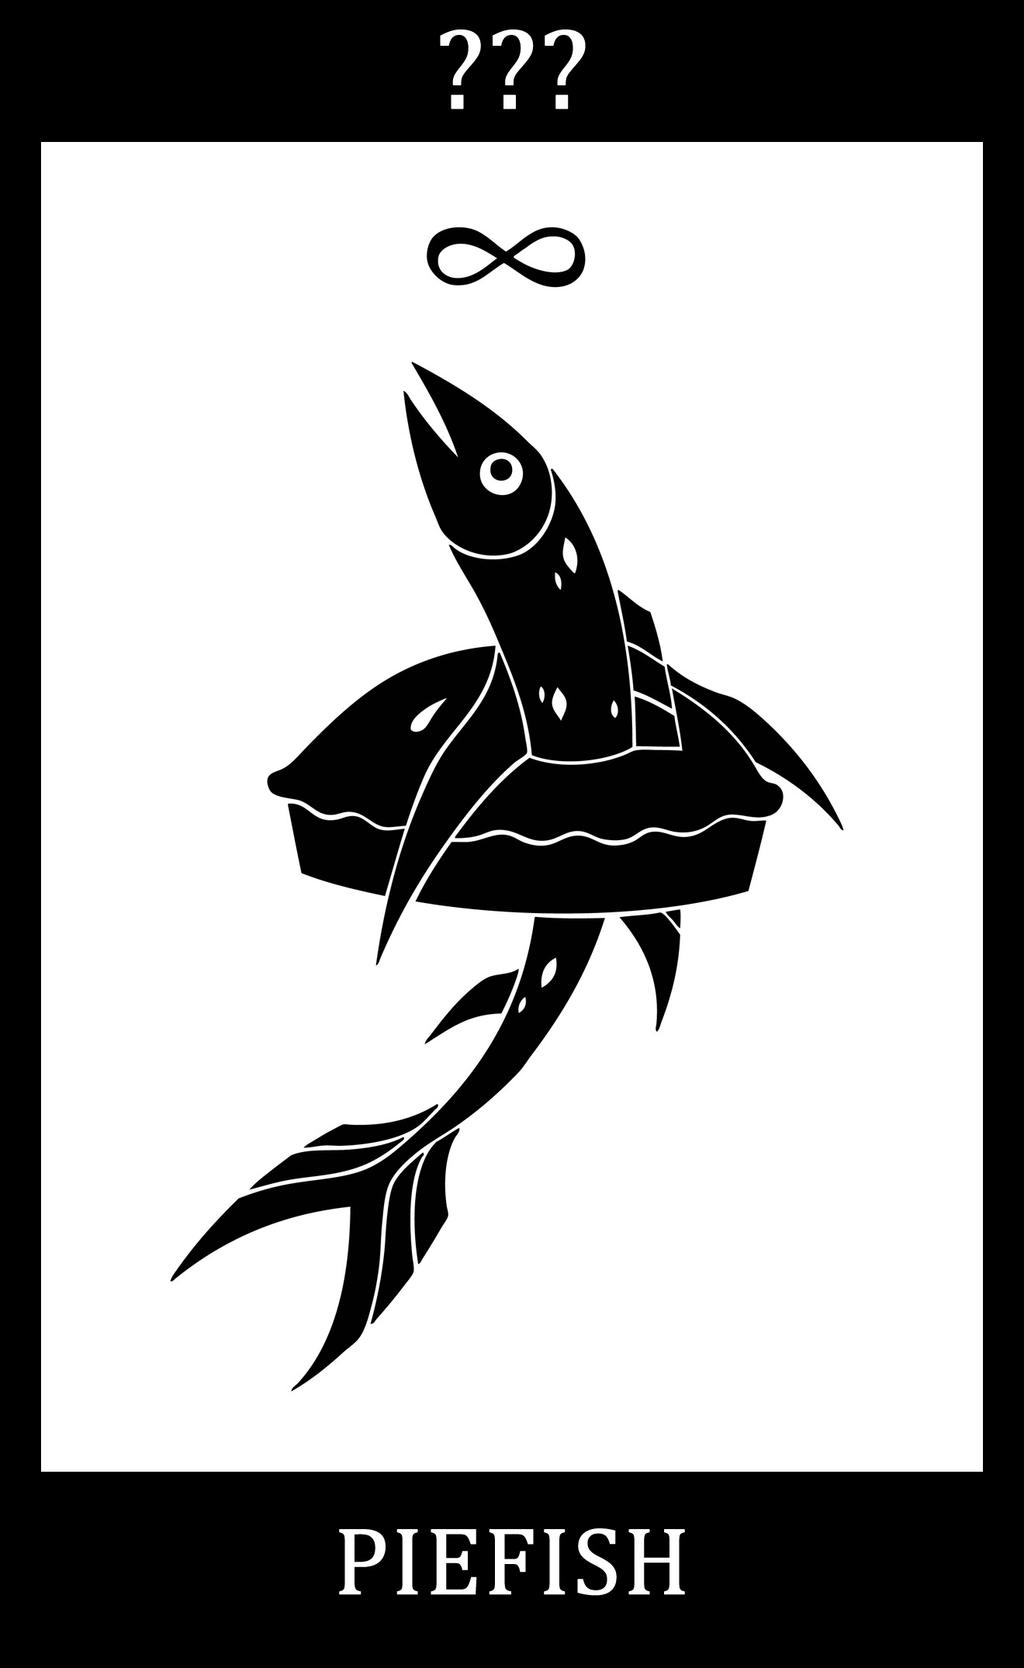 piefish_by_sunnyclockwork-d9e2eon.jpg